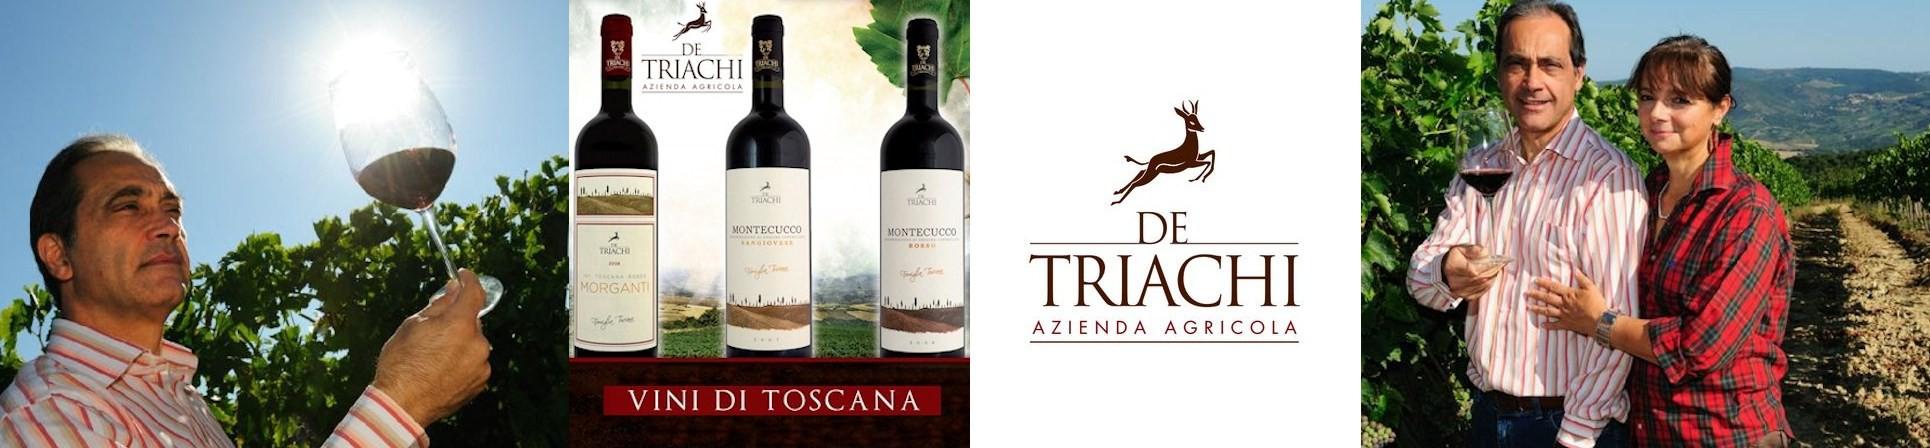 Cantina De Triachi - Vini di Toscana - vendita online